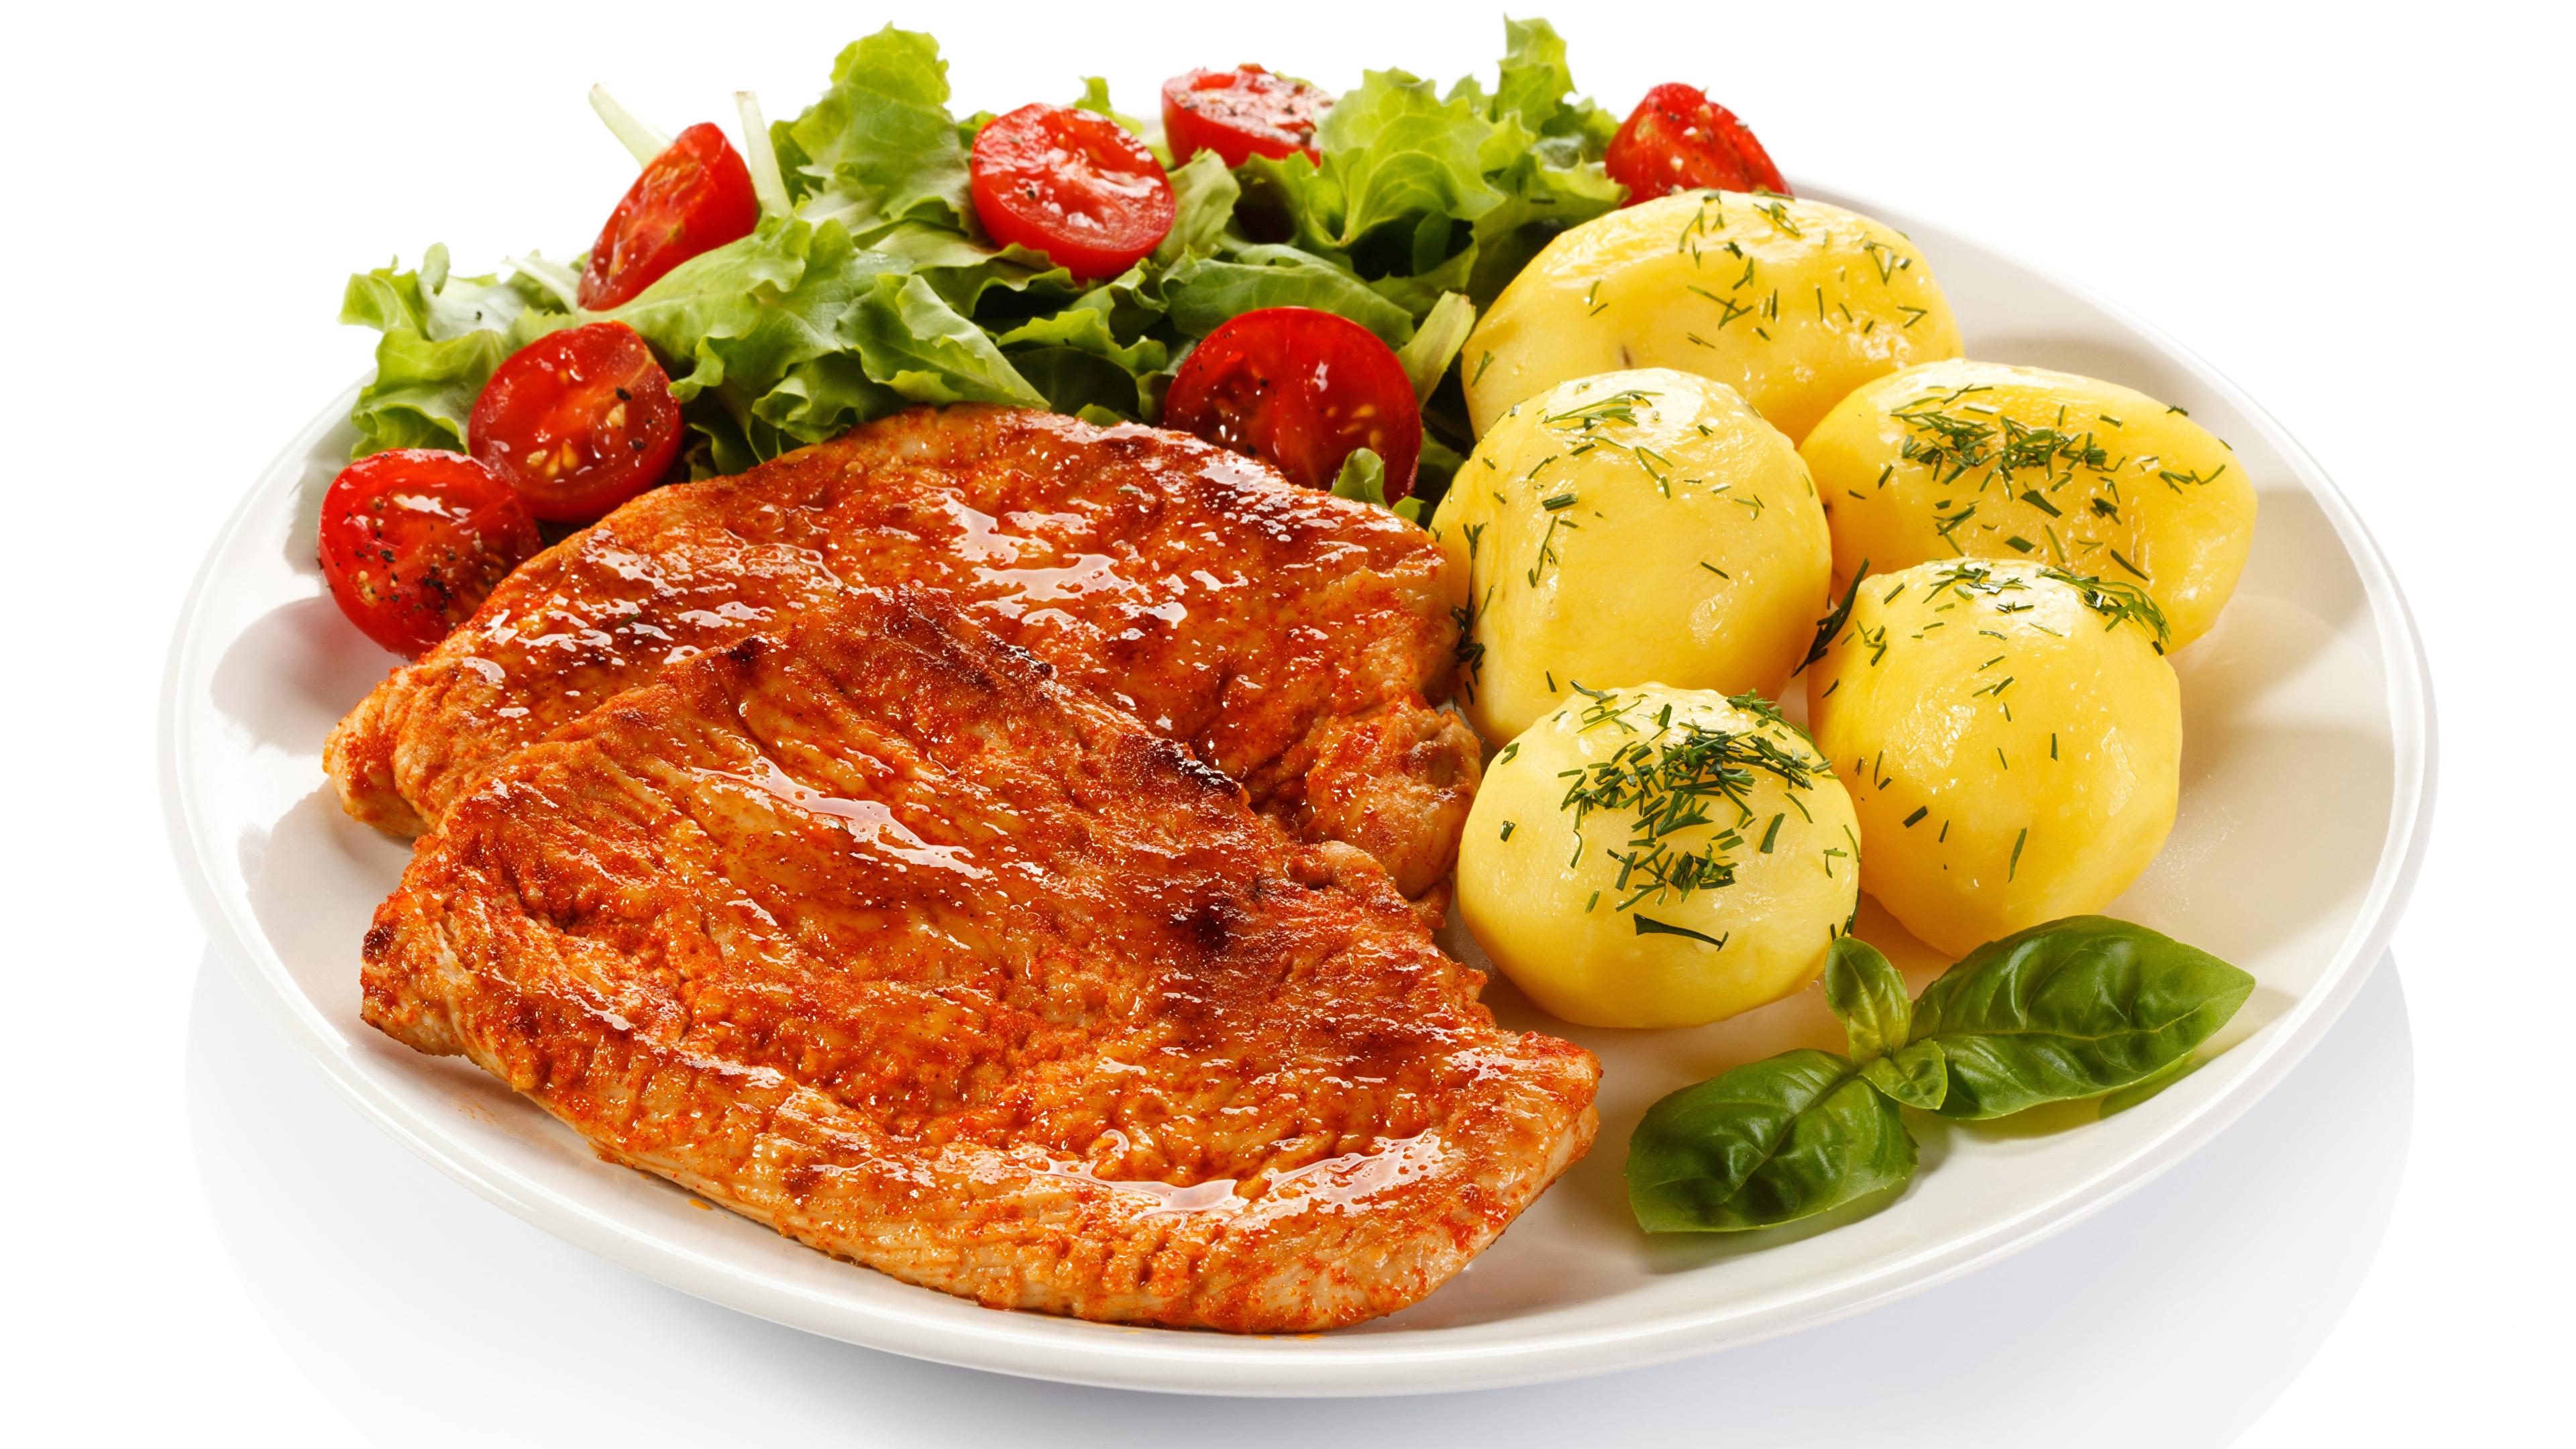 Картинки Картофель Еда Овощи тарелке Белый фон Мясные продукты 3840x2160 картошка Пища Тарелка Продукты питания белом фоне белым фоном